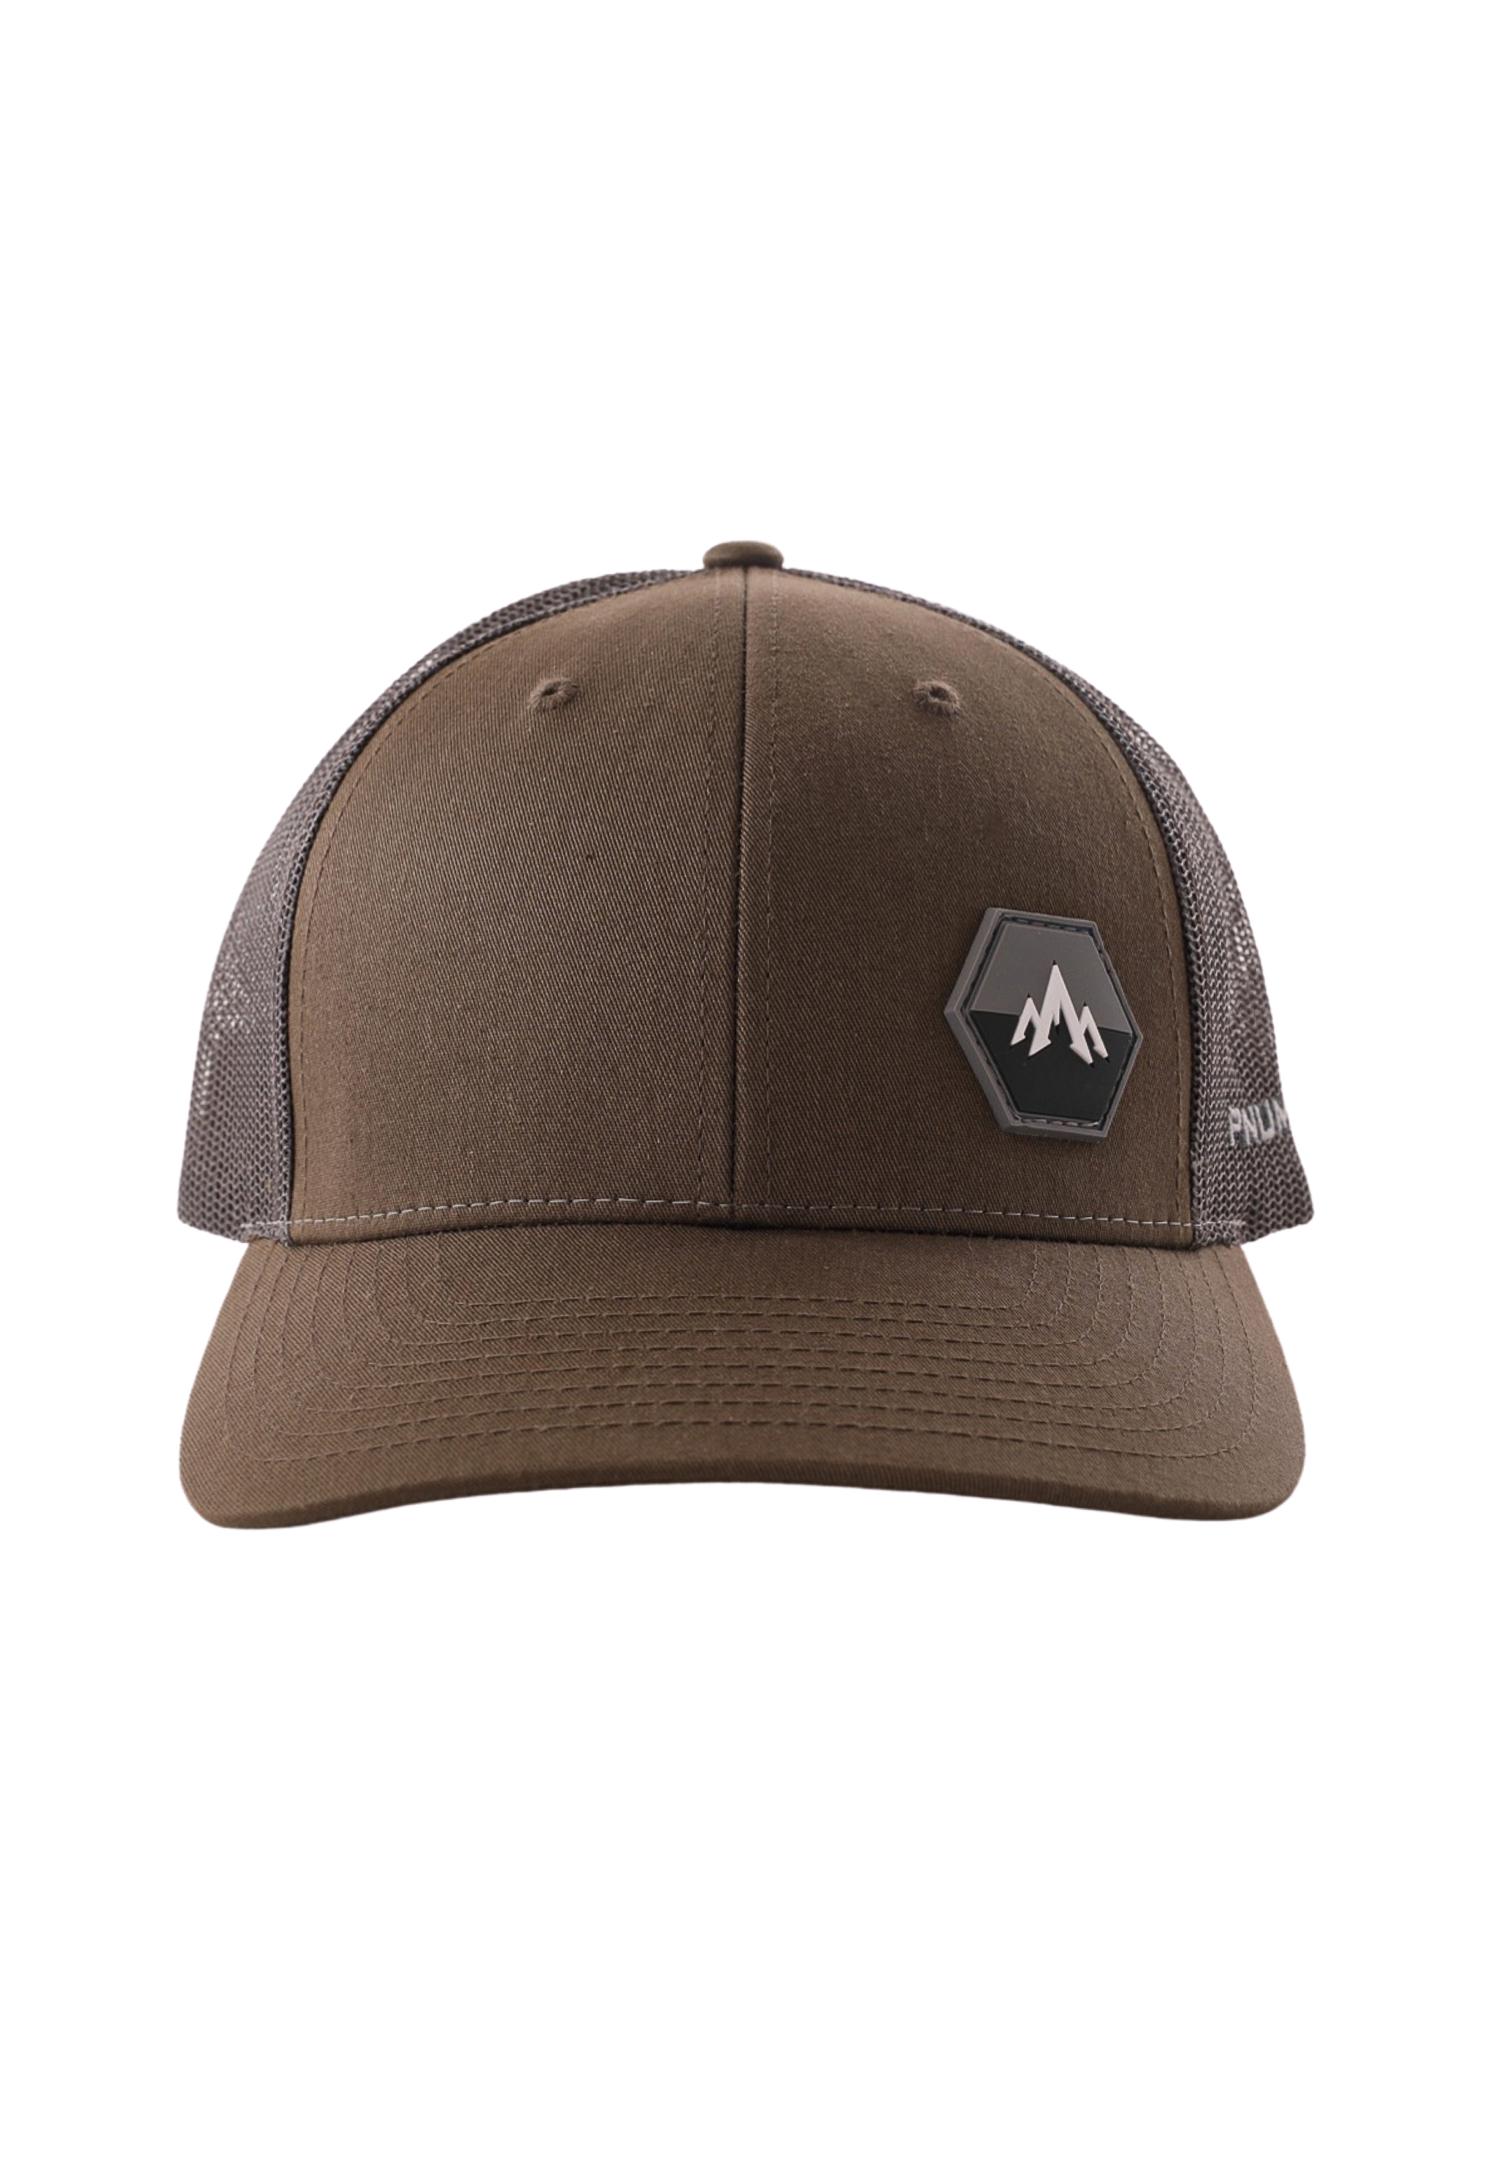 Pnuma Trucker Cap